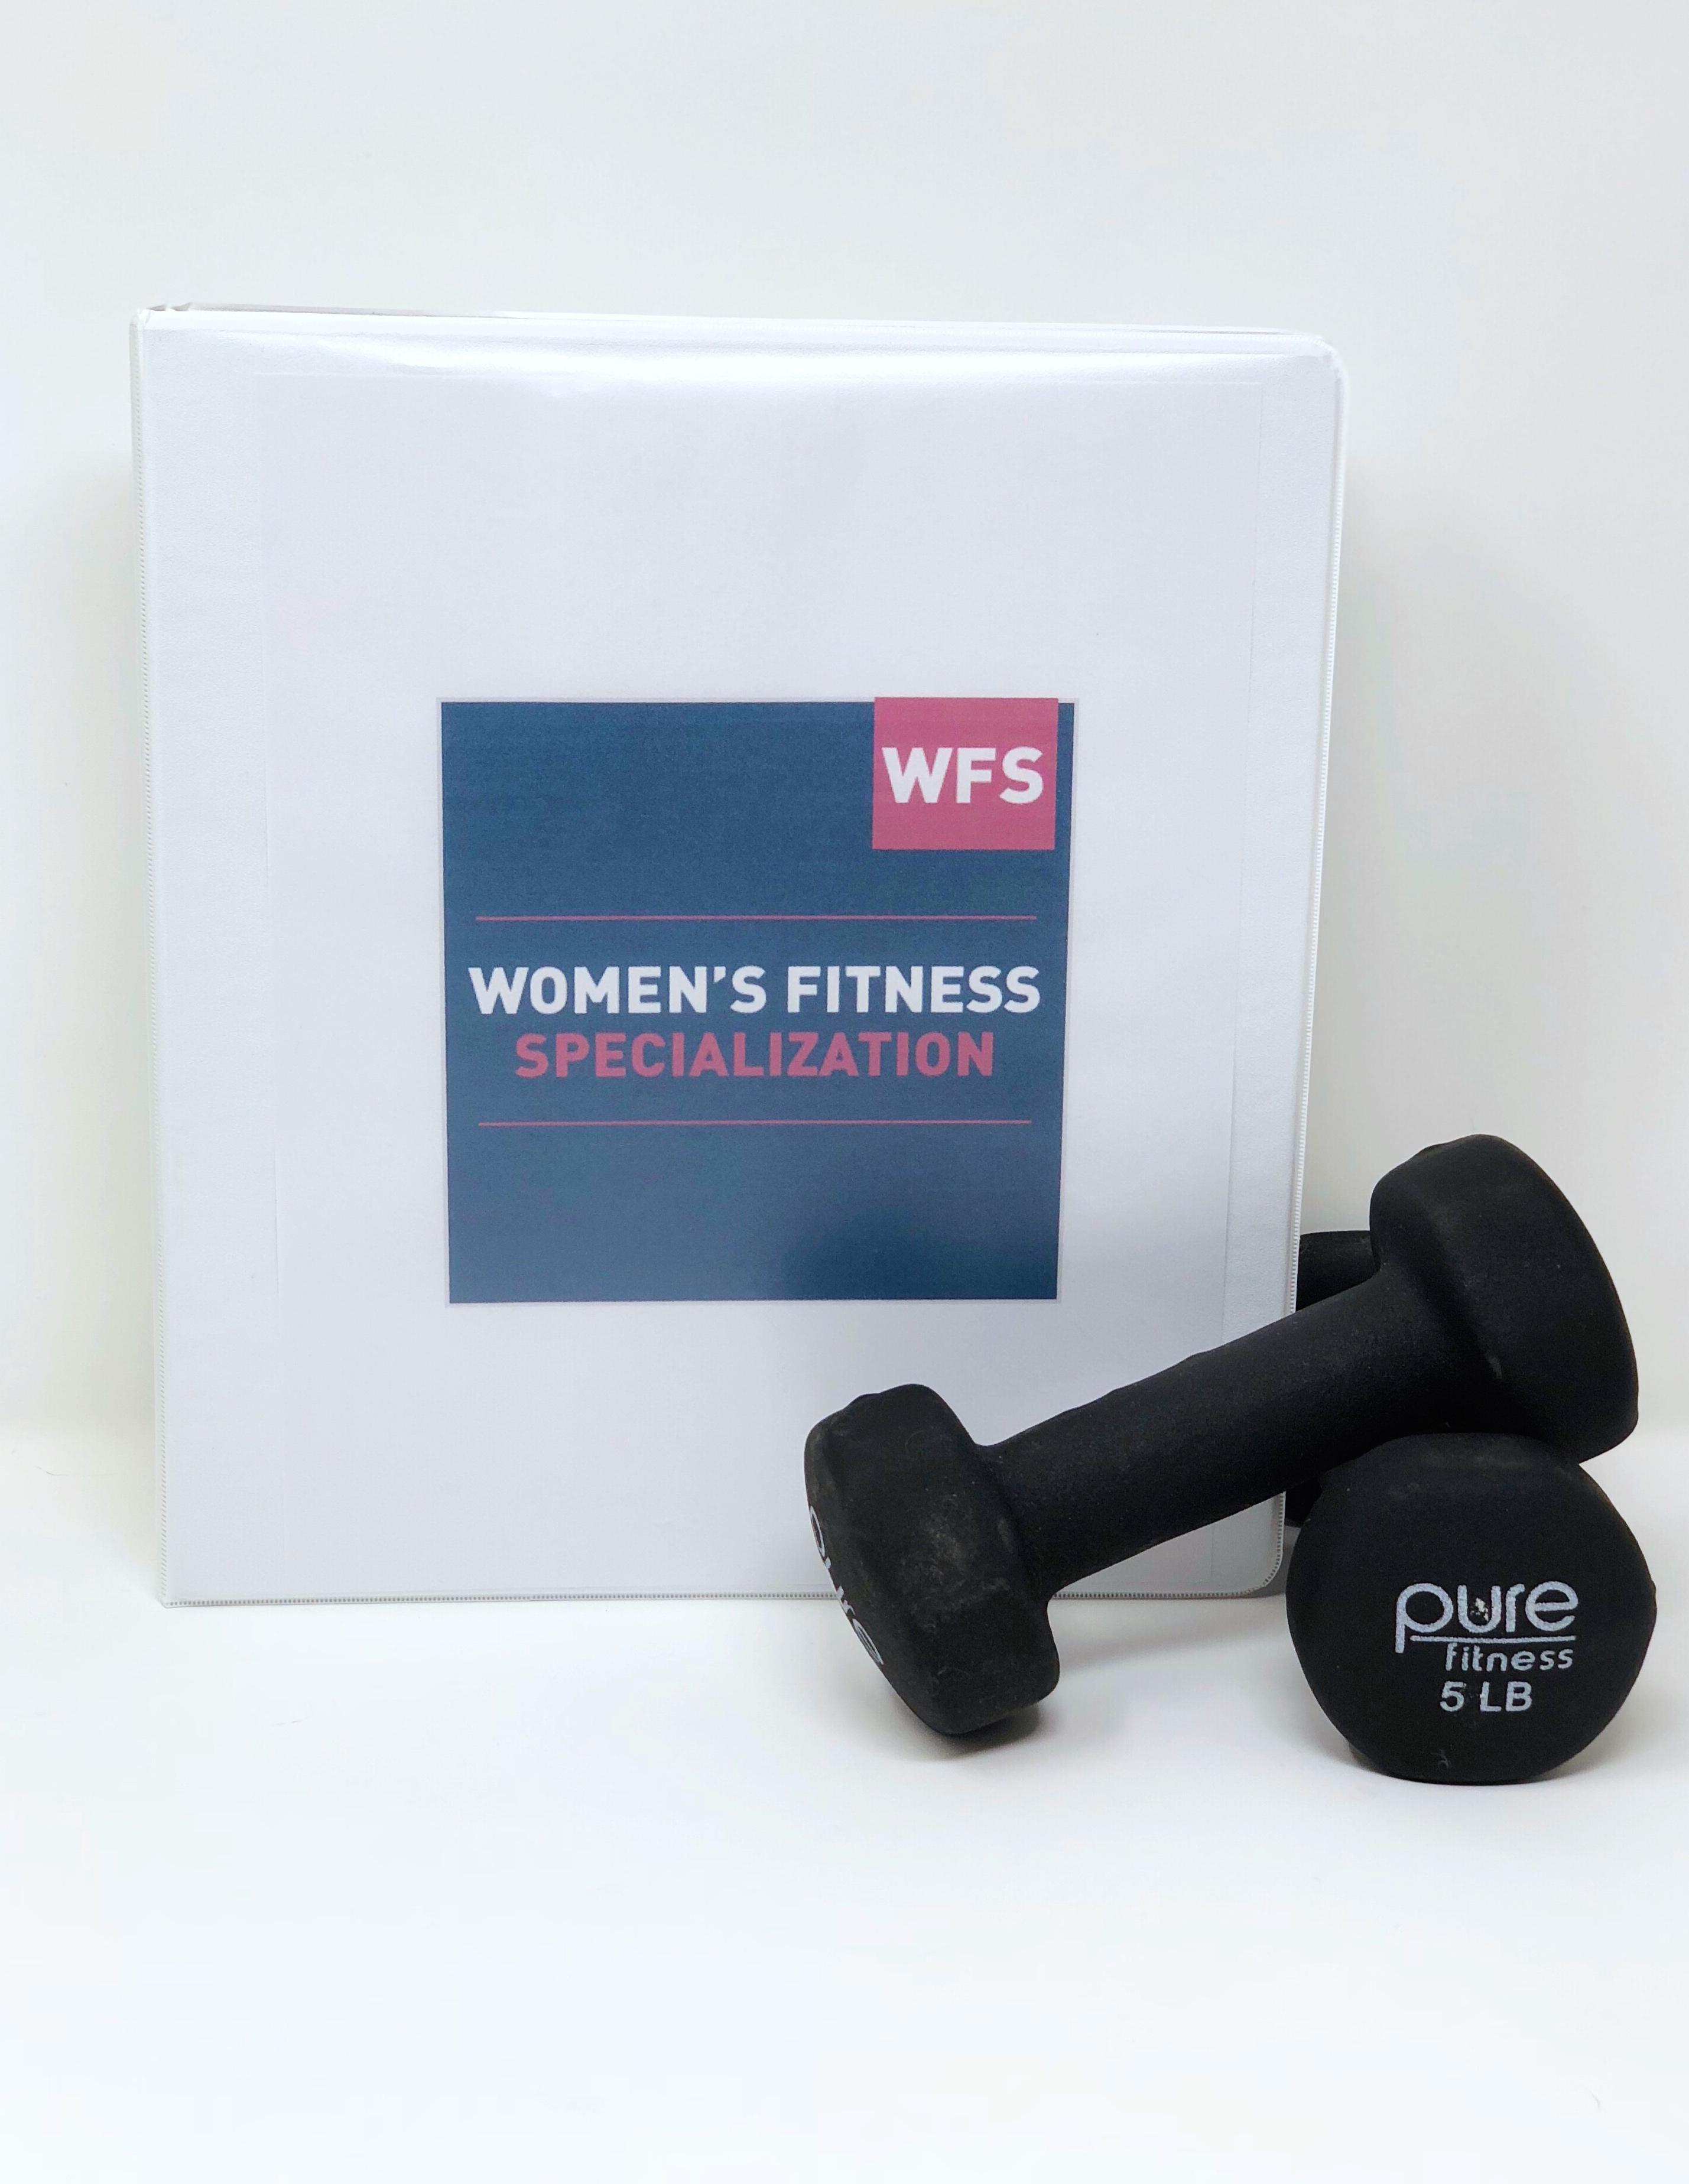 Women's Fitness Specialization